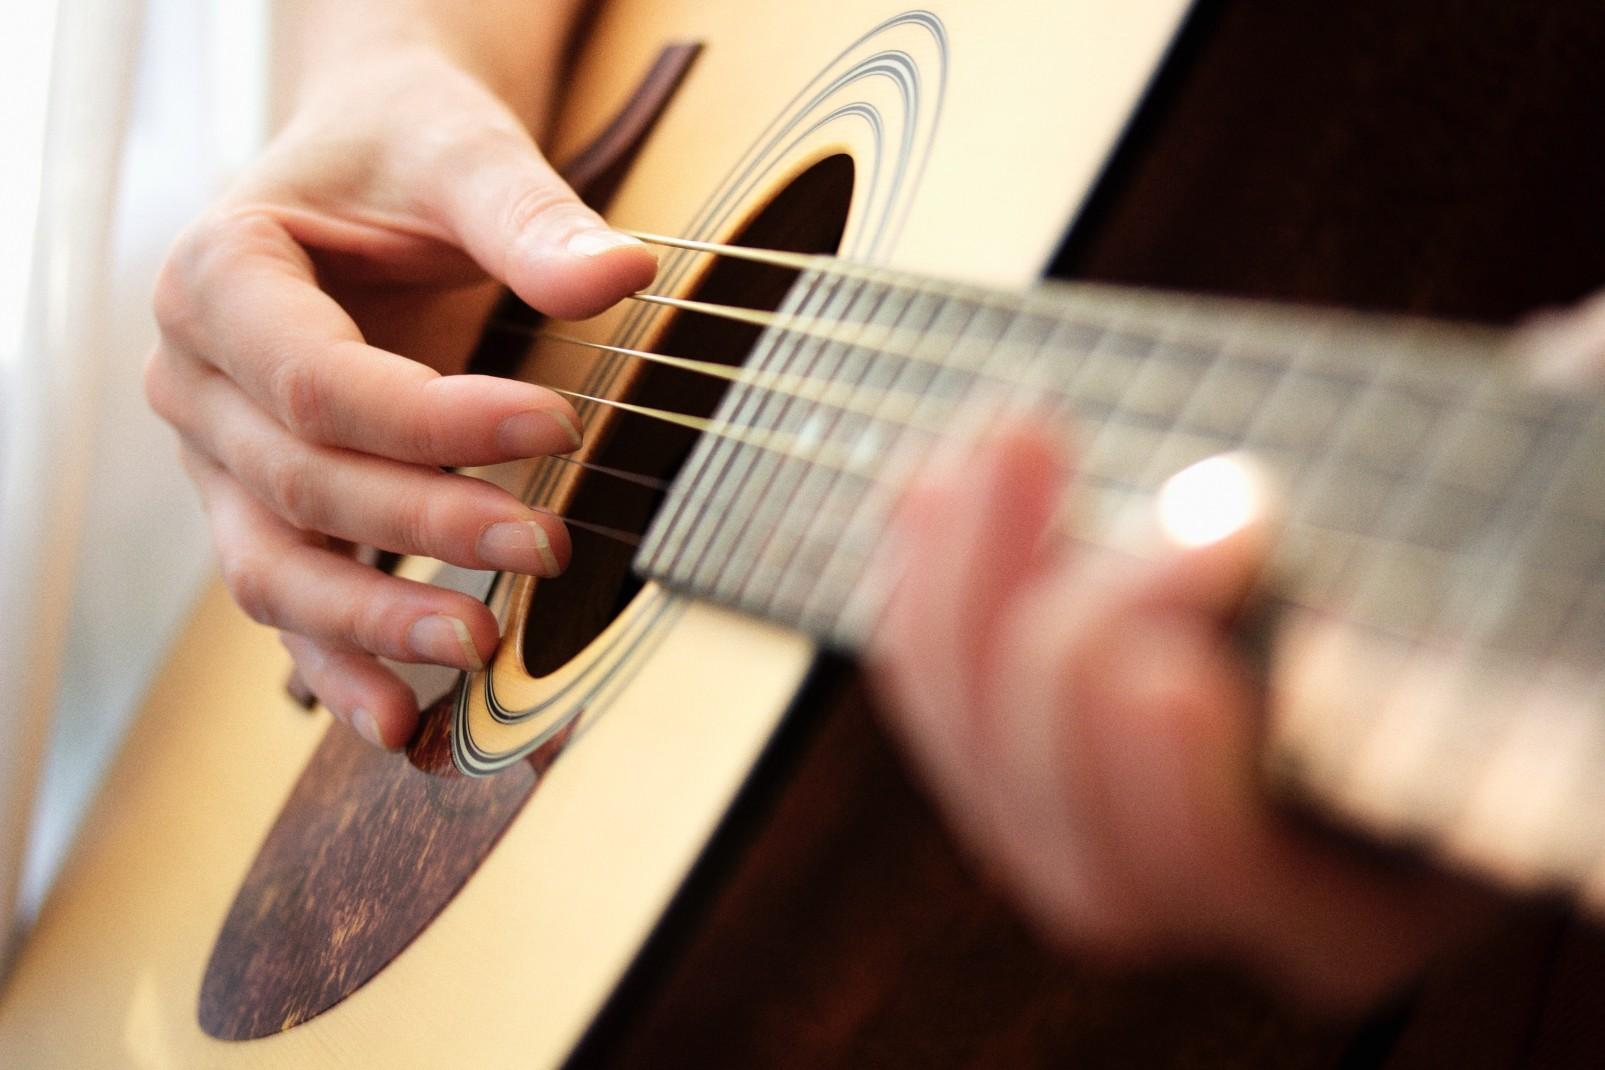 Réussir à jouer de la guitare, comment y parvenir ?